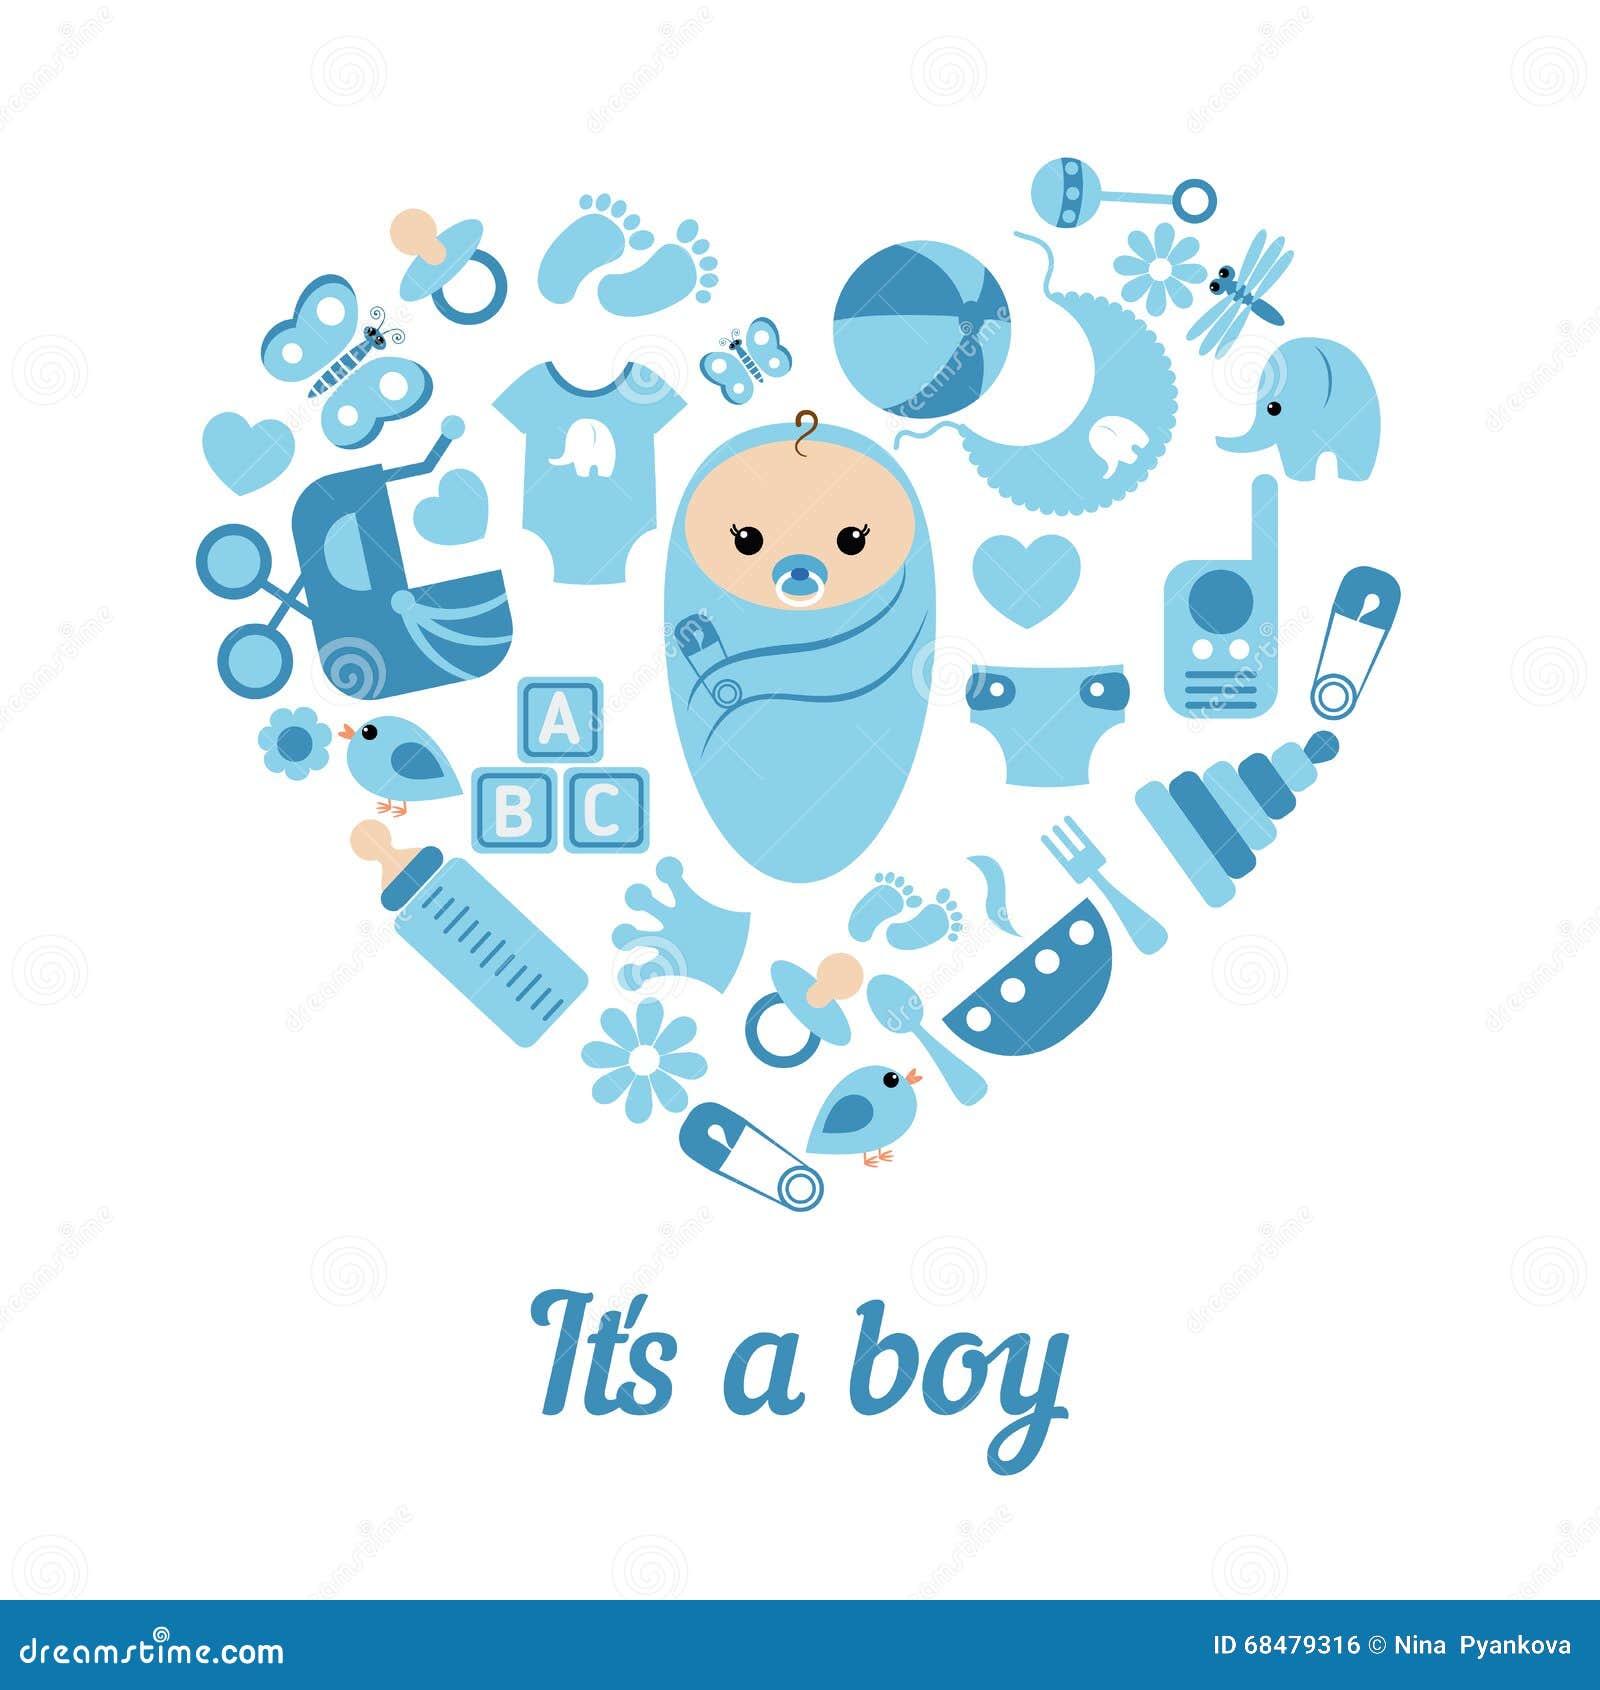 baby boy symbols wwwpixsharkcom images galleries